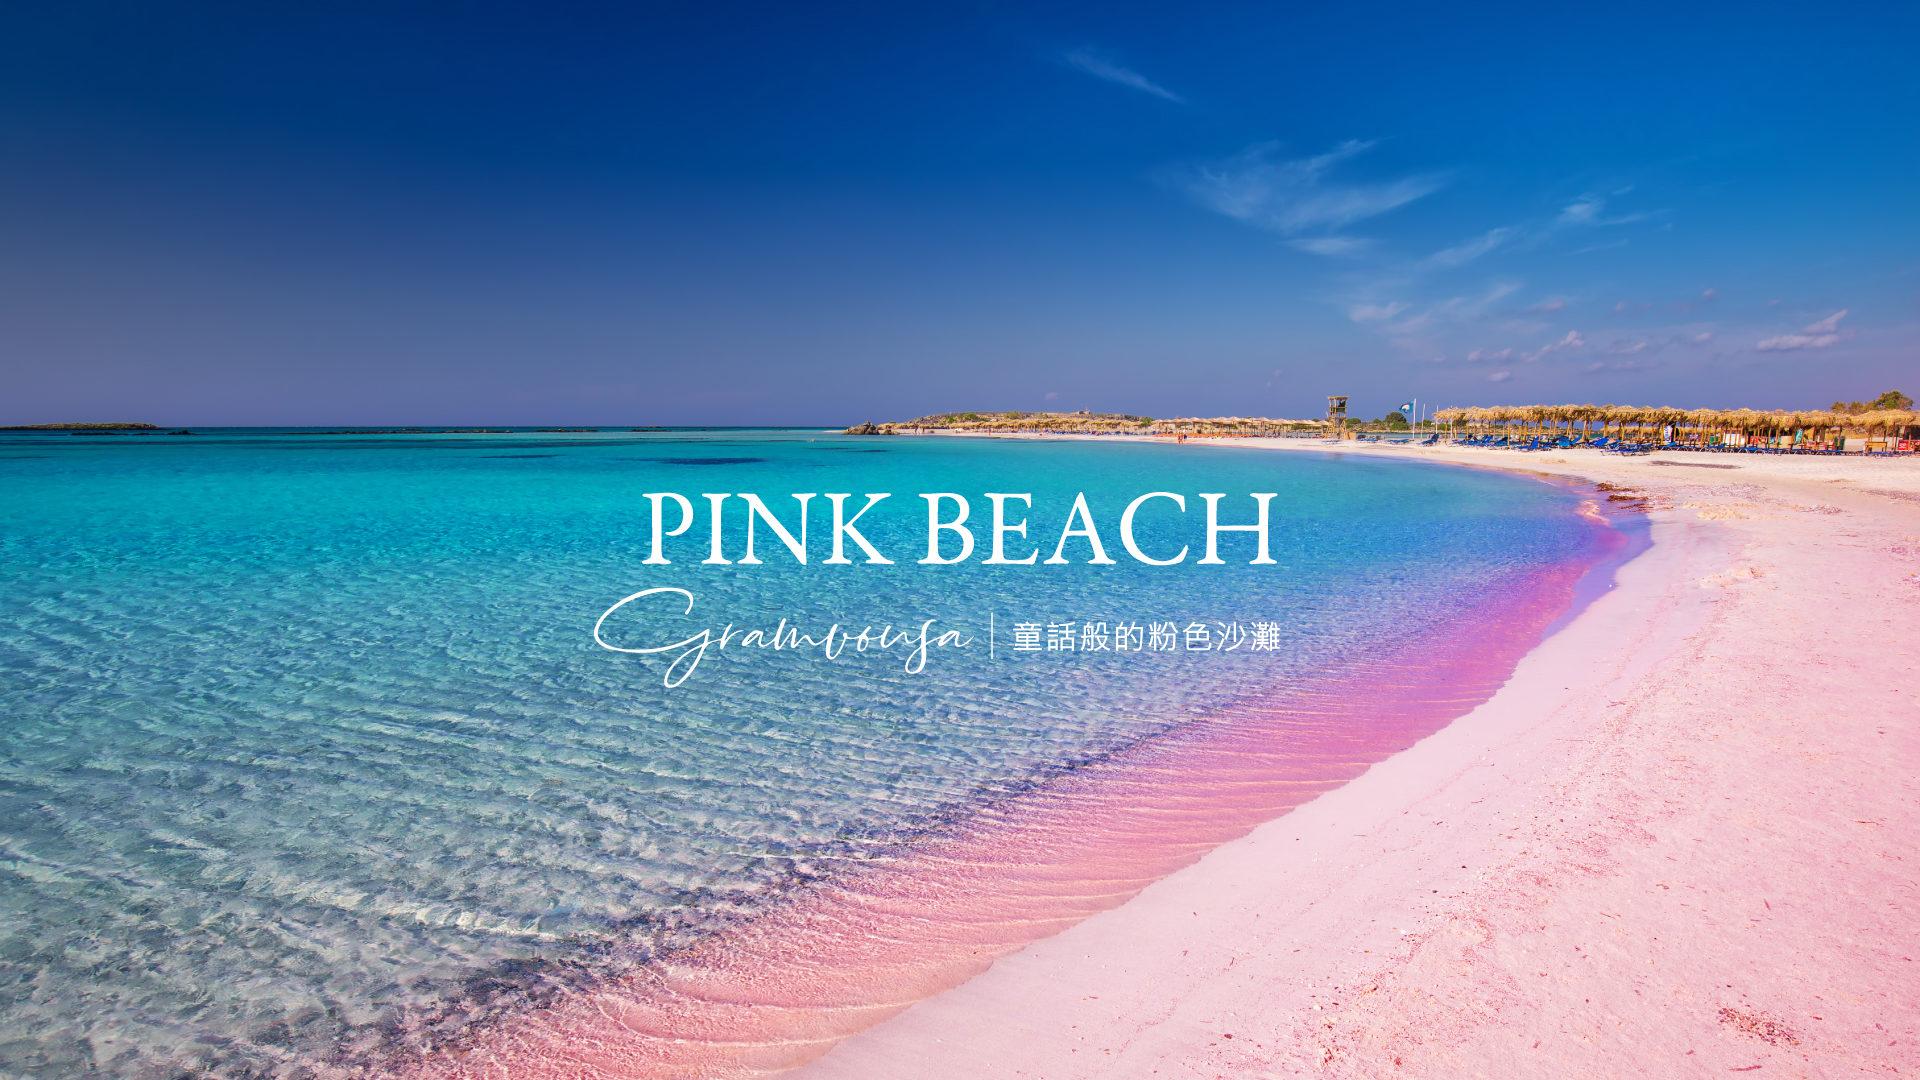 少女心大噴發!粉色沙灘激起妳對浪漫的無限渴望